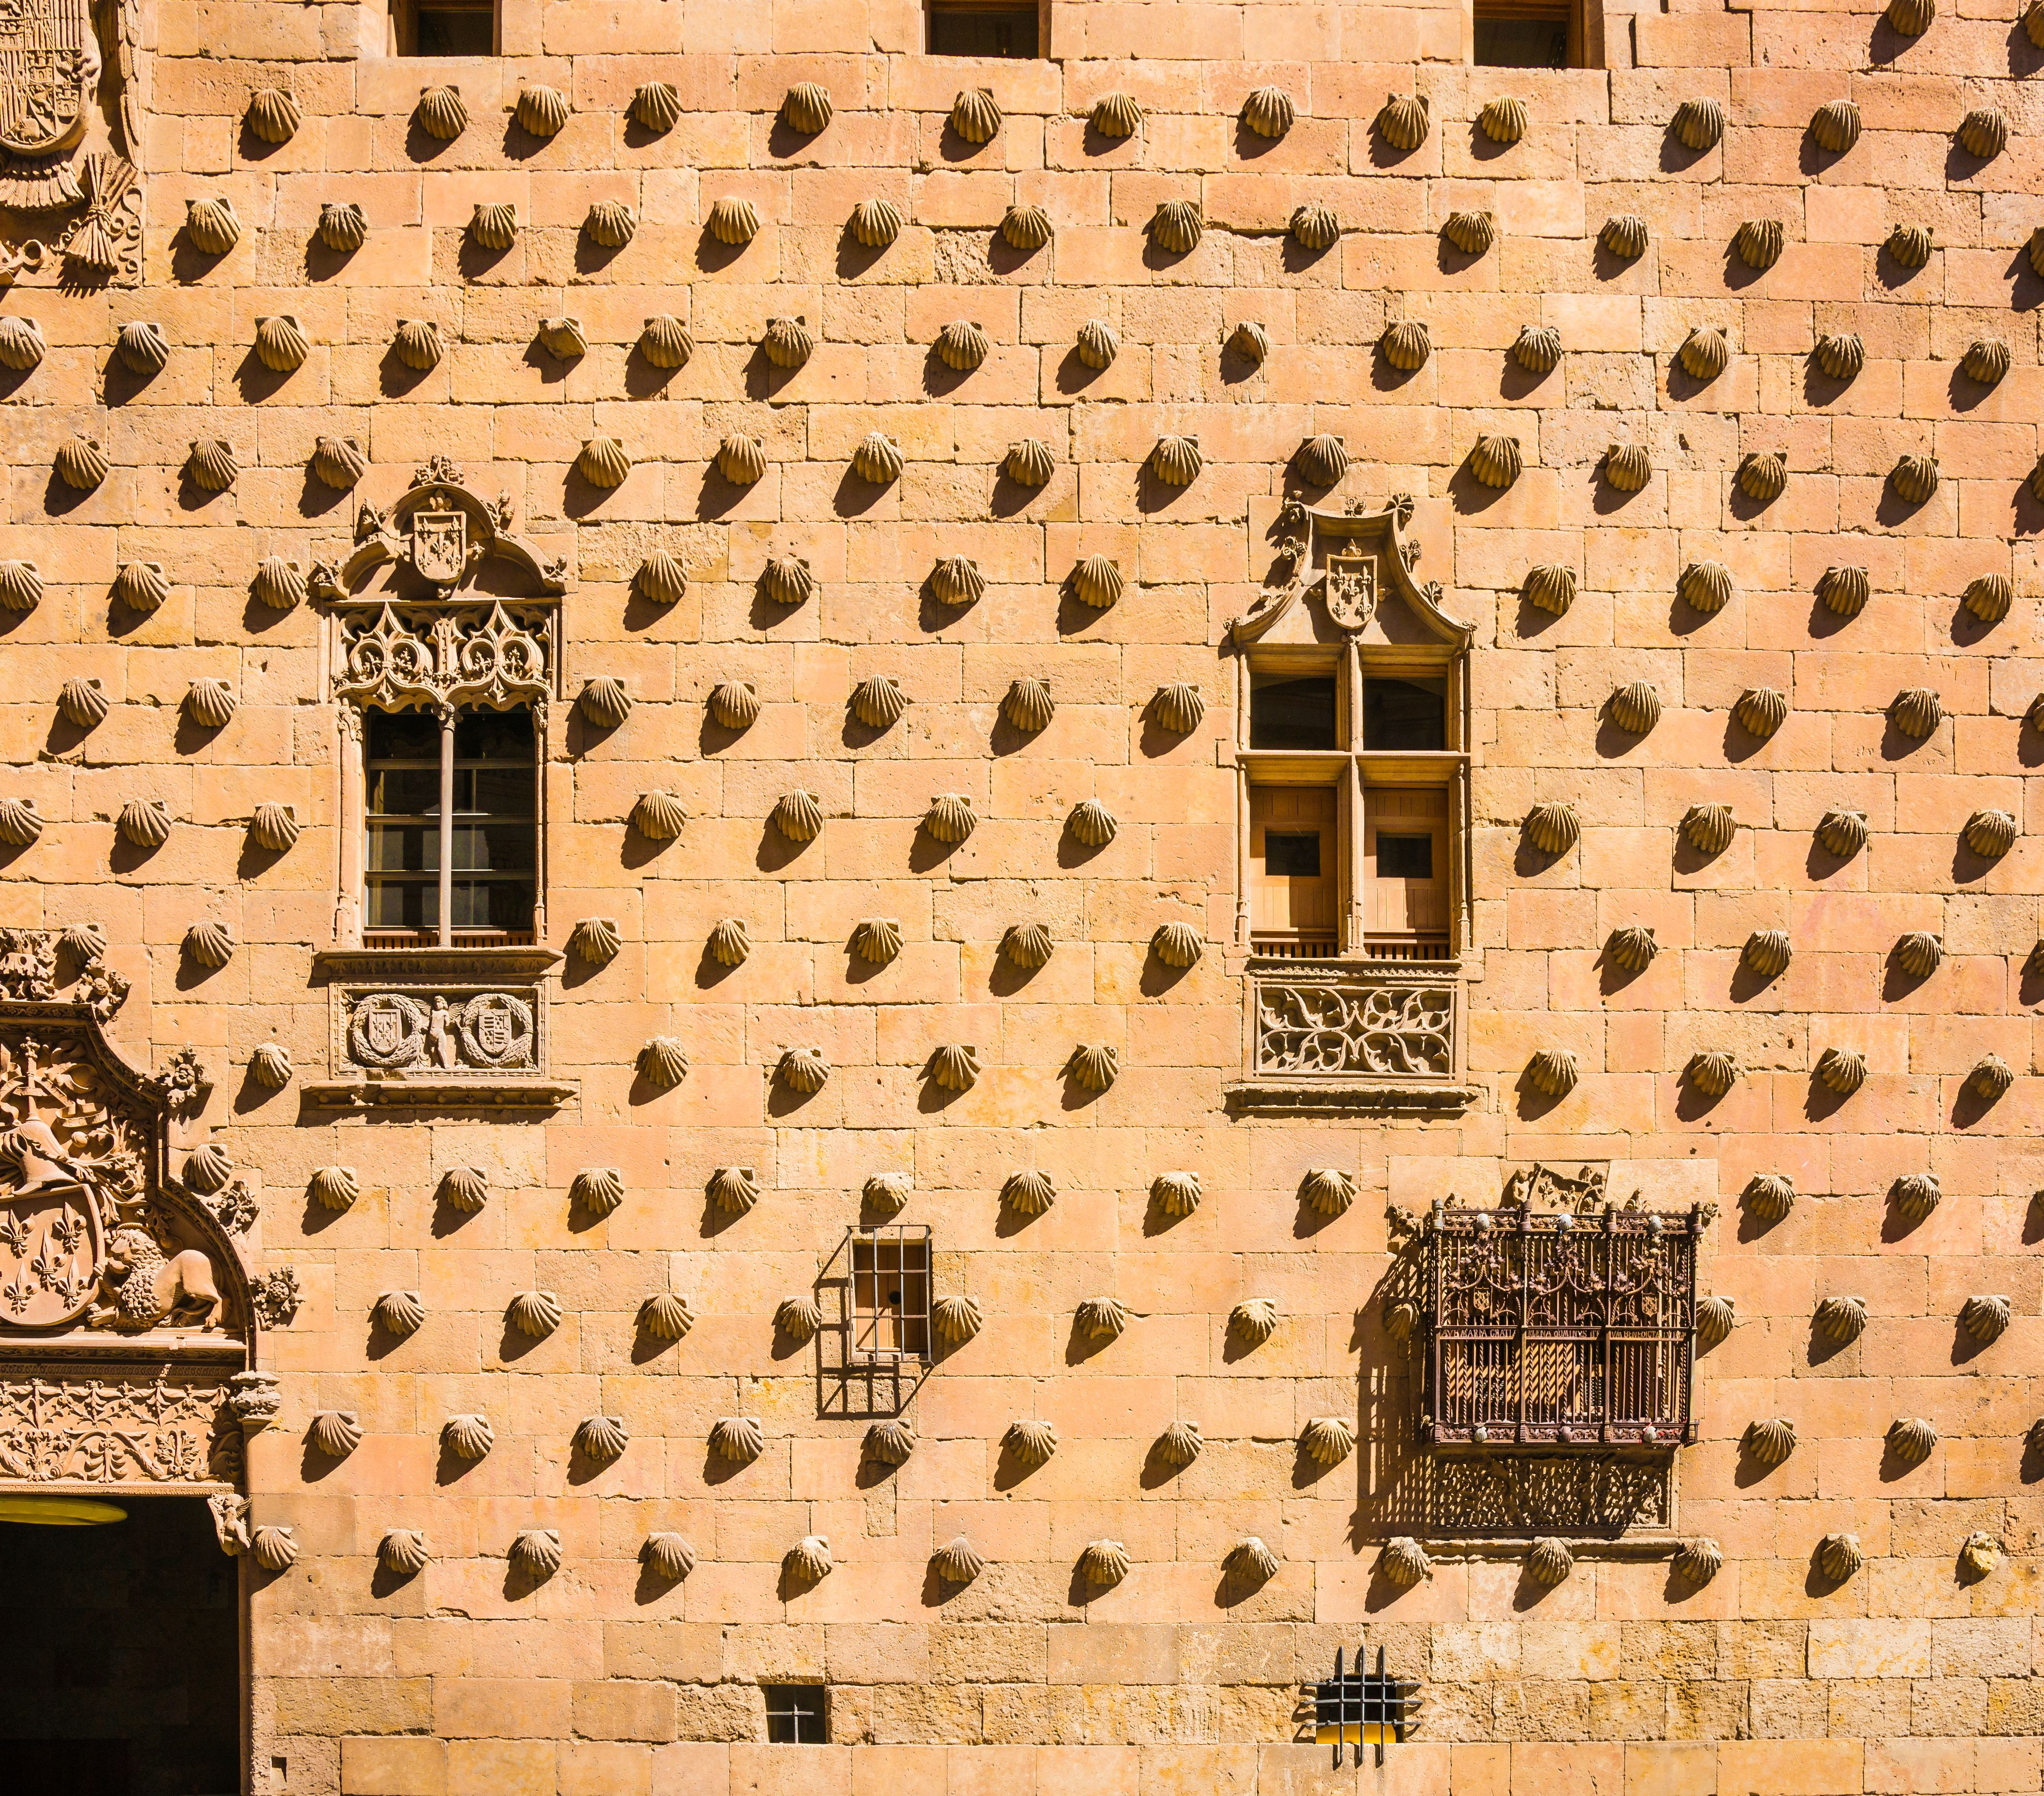 Conoce la historia de la Universidad de Salamanca con Viajes y visitas